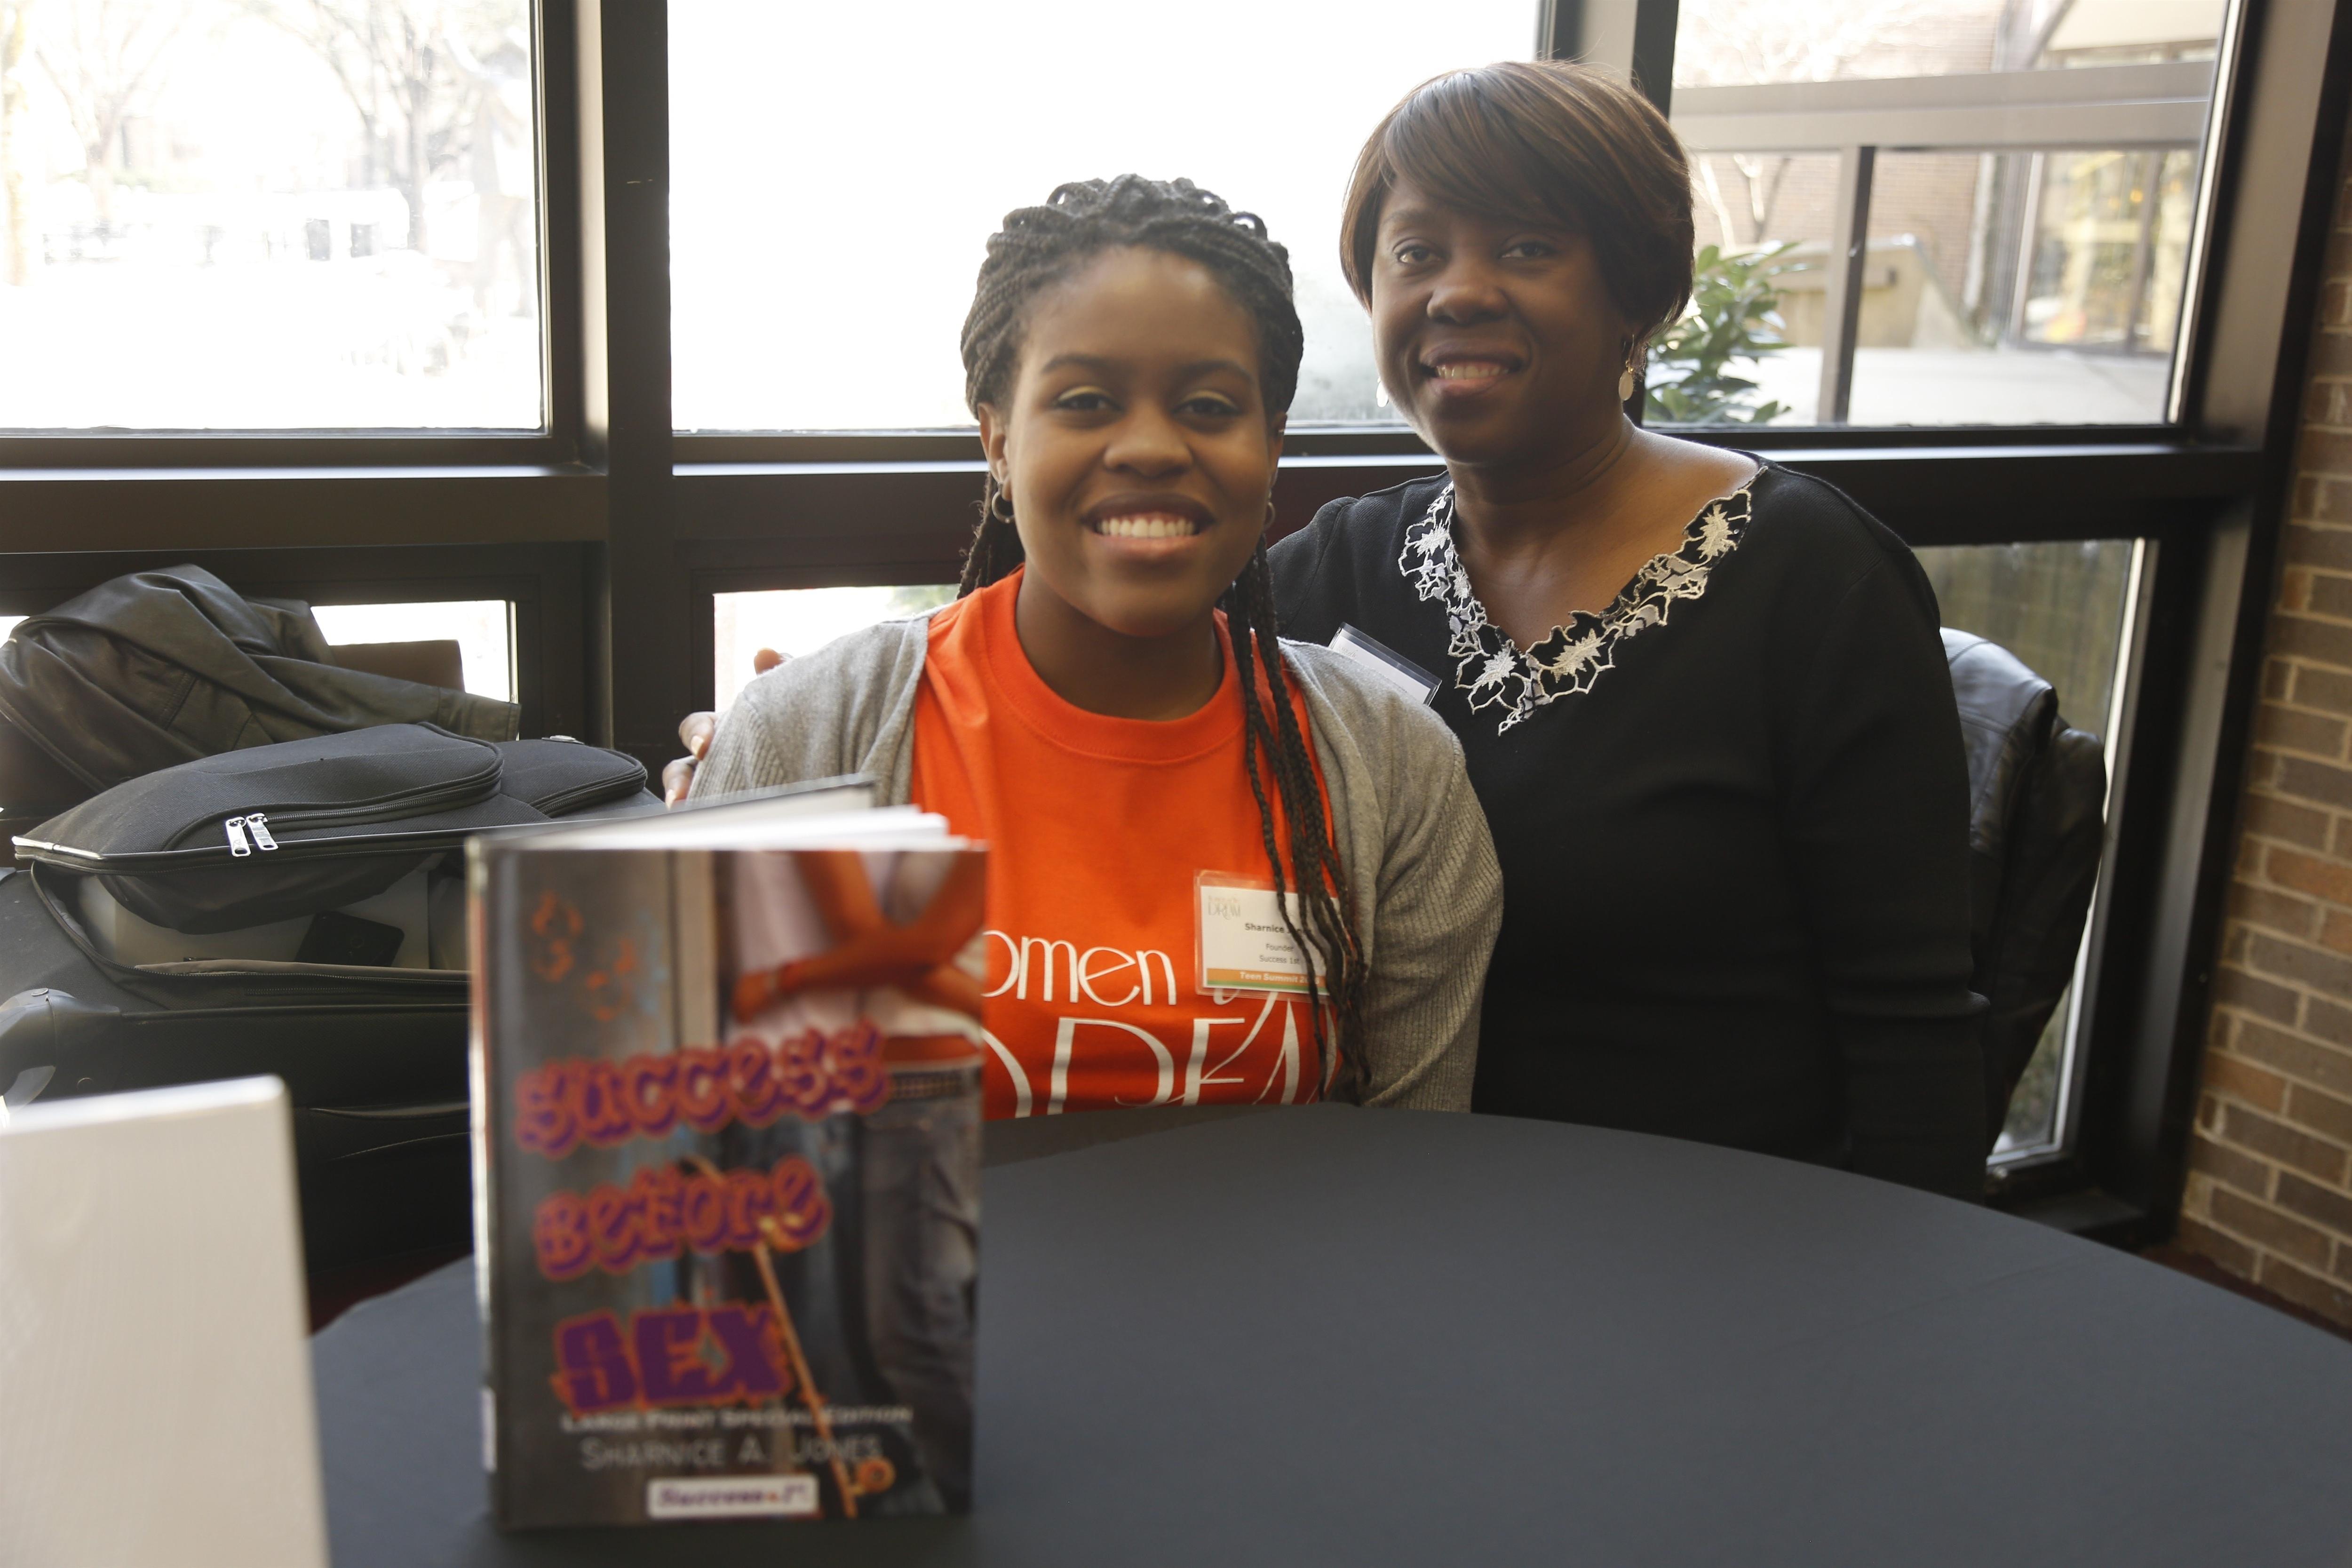 sarnice and mom at book signing